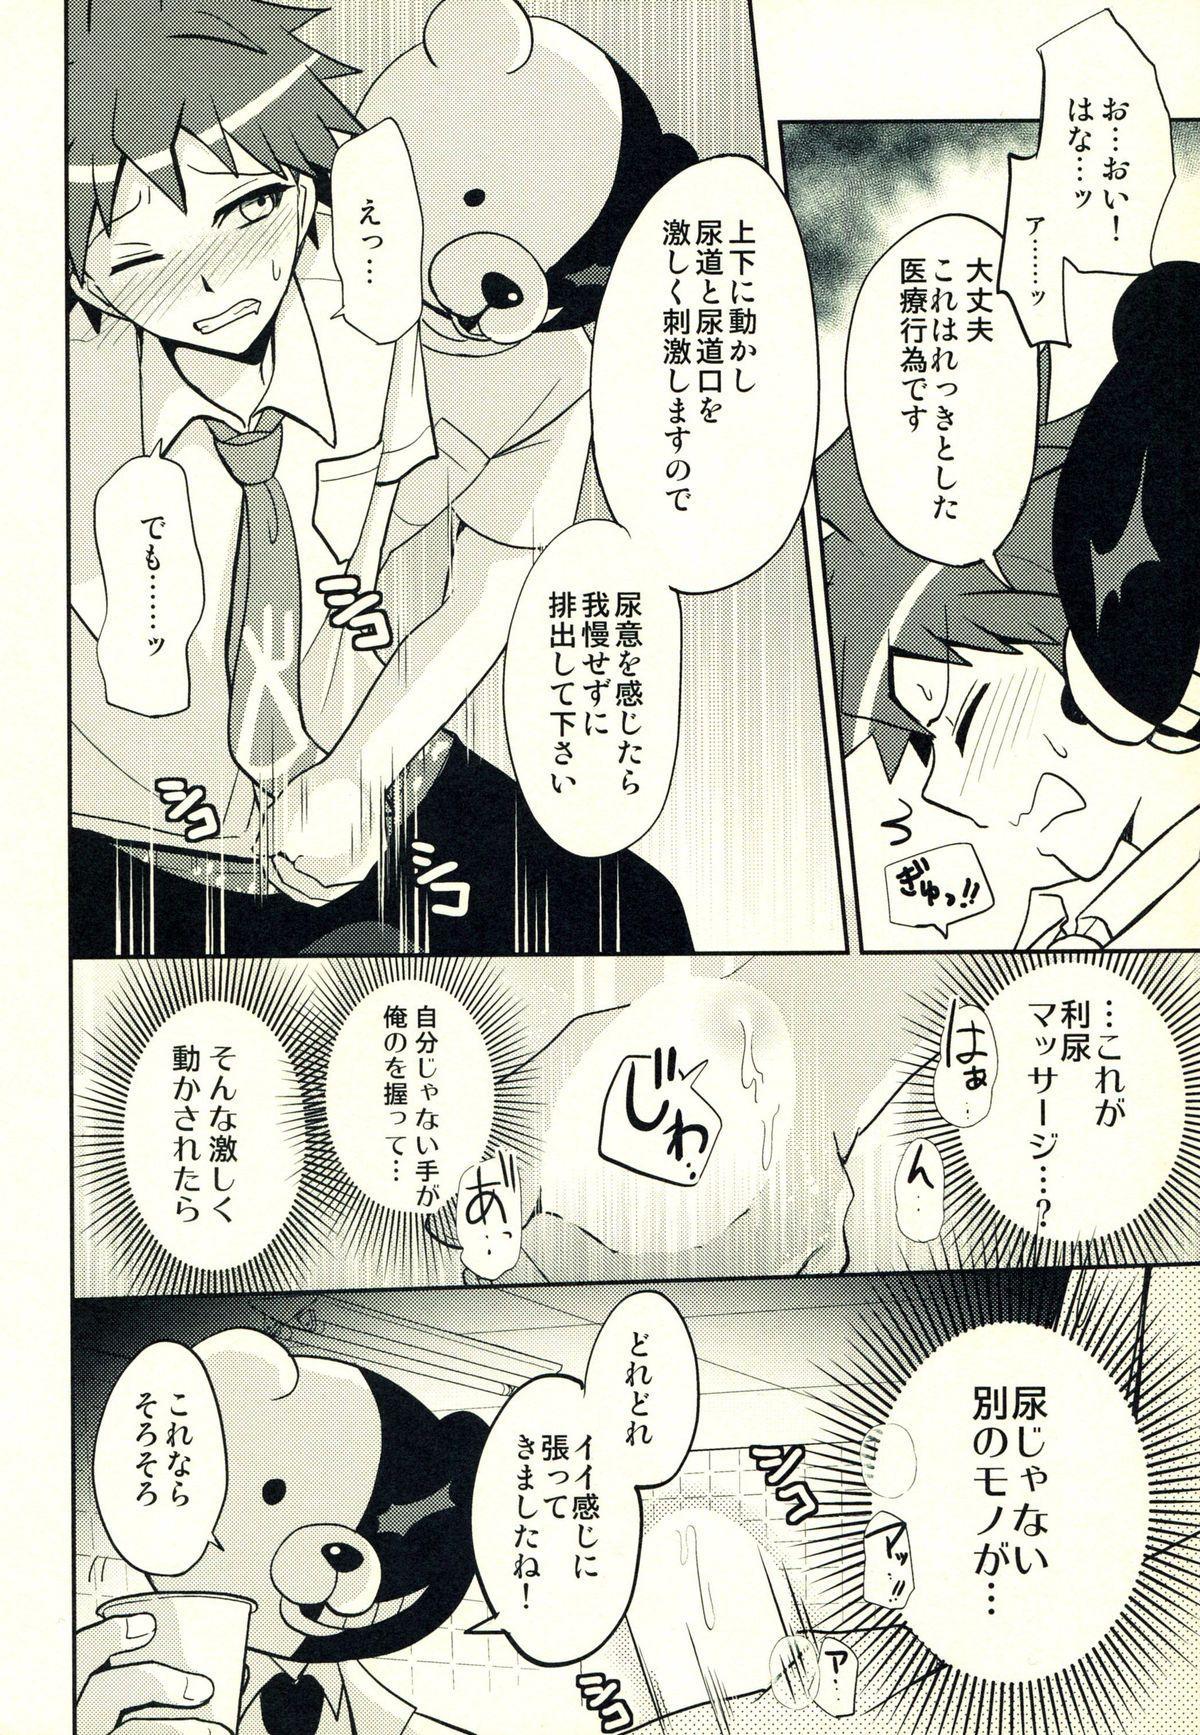 Hinata Hajime no Himitsu no Jikan 50